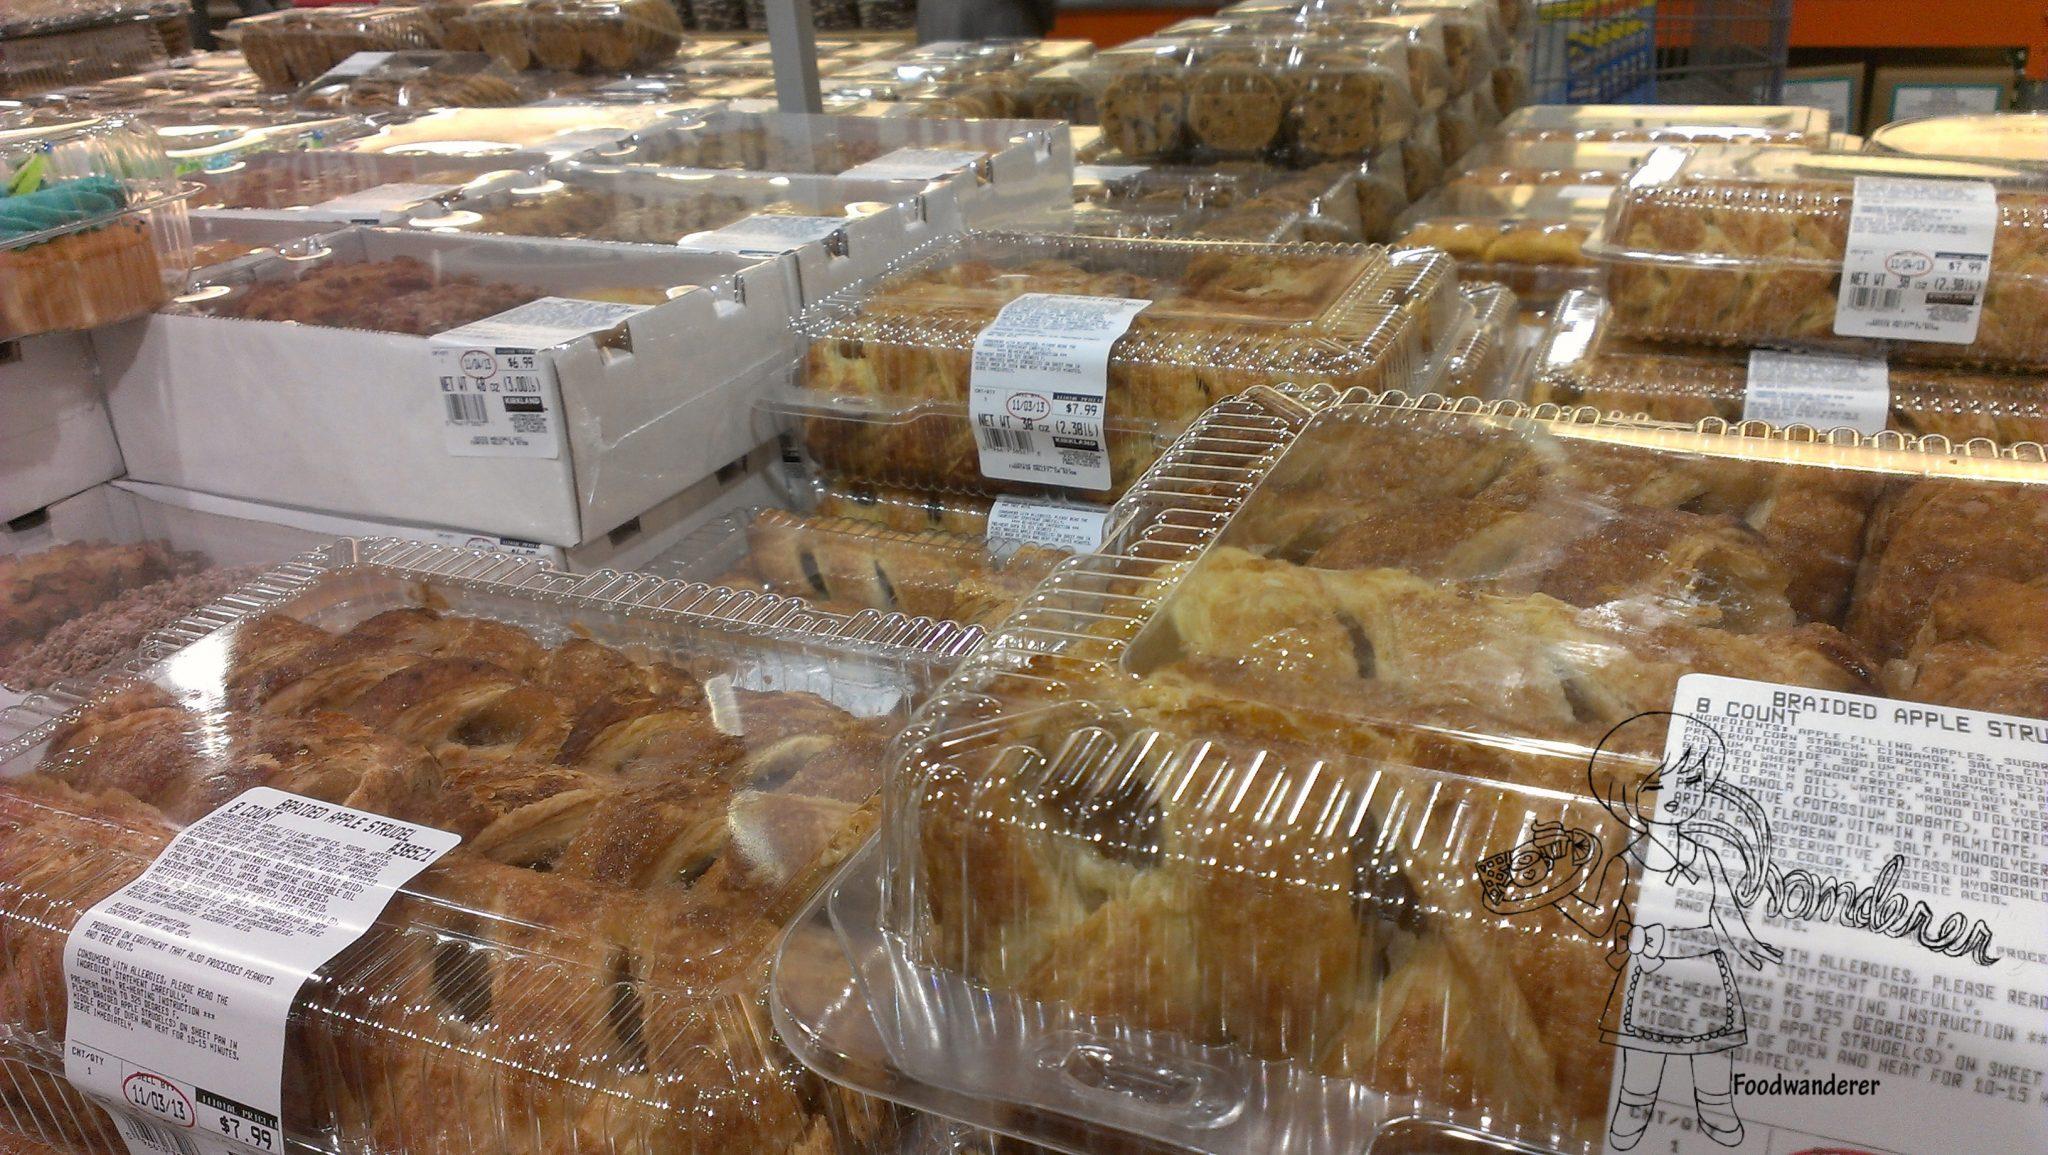 Costco Bakery Foodwanderer Foodwanderer